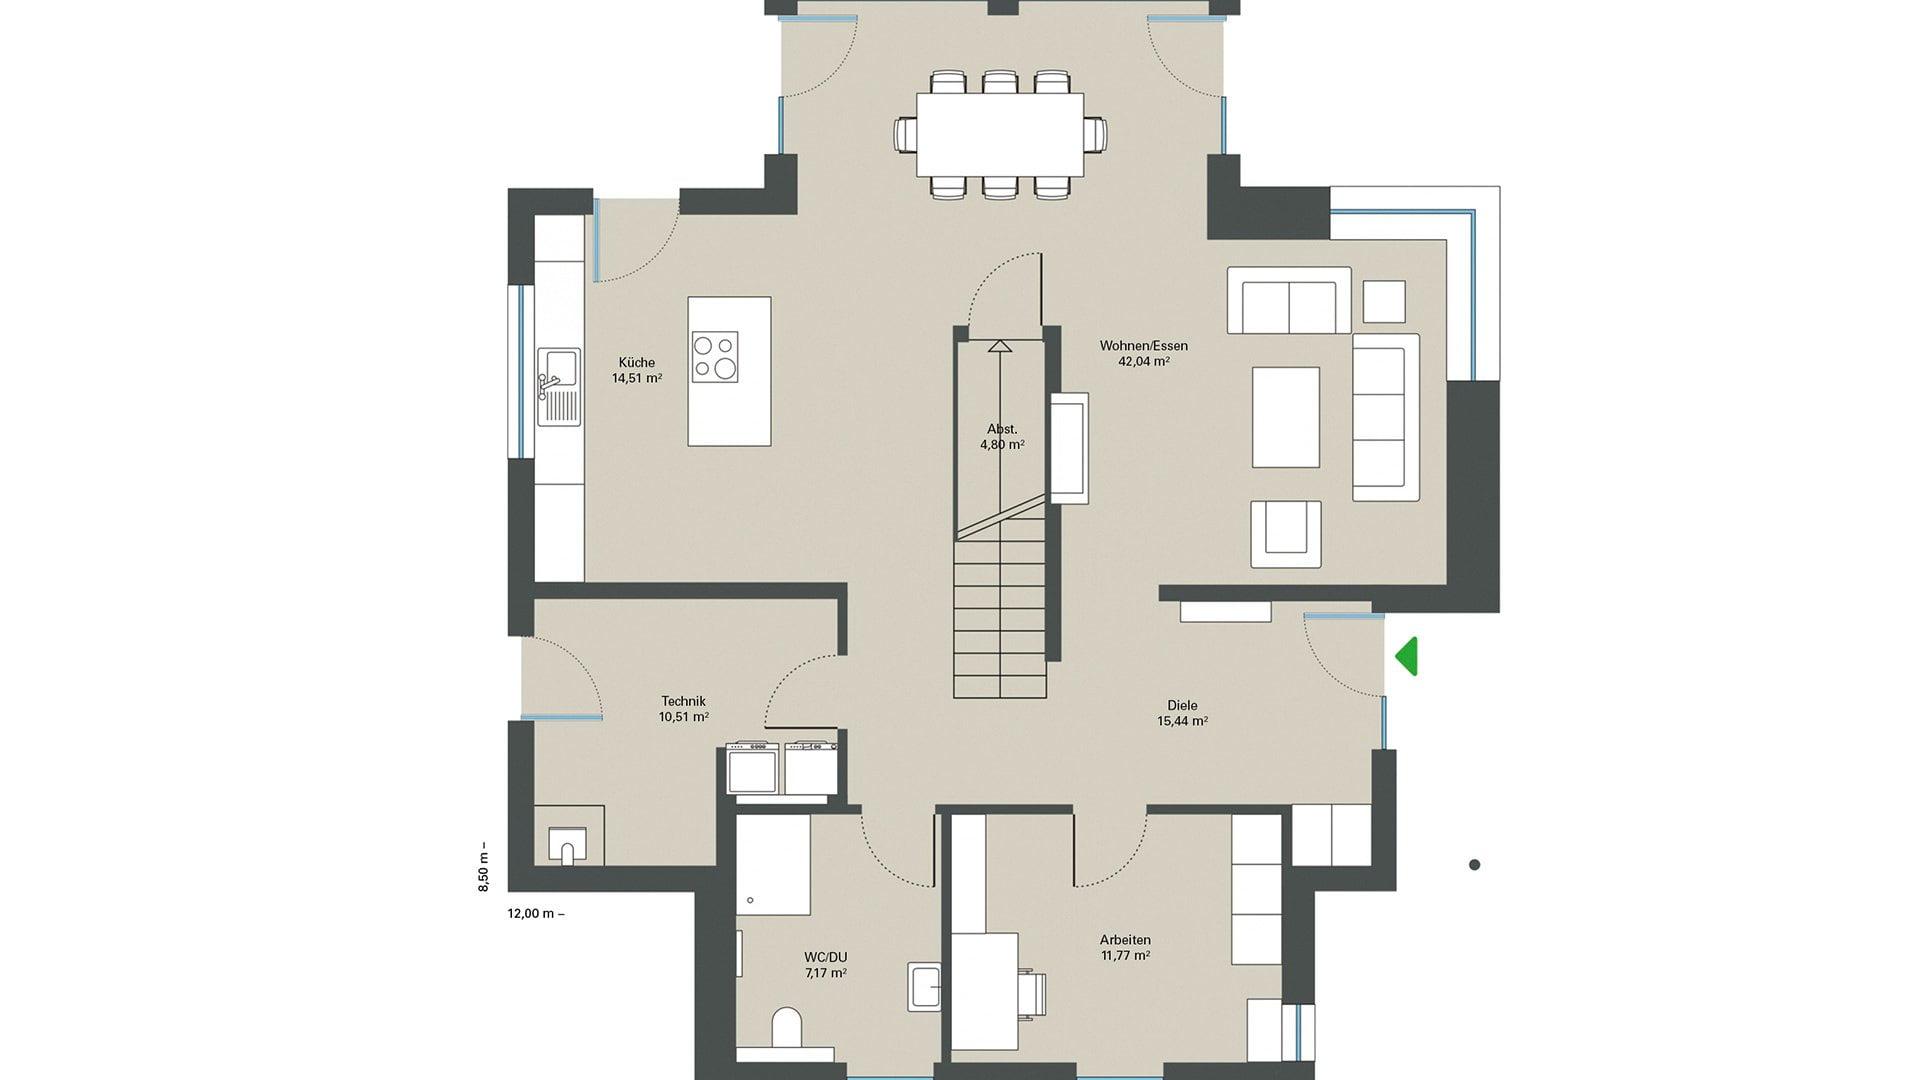 Einfamilienhaus-Grundriss-Gussek Haus ErdgeschossErdgeschoss